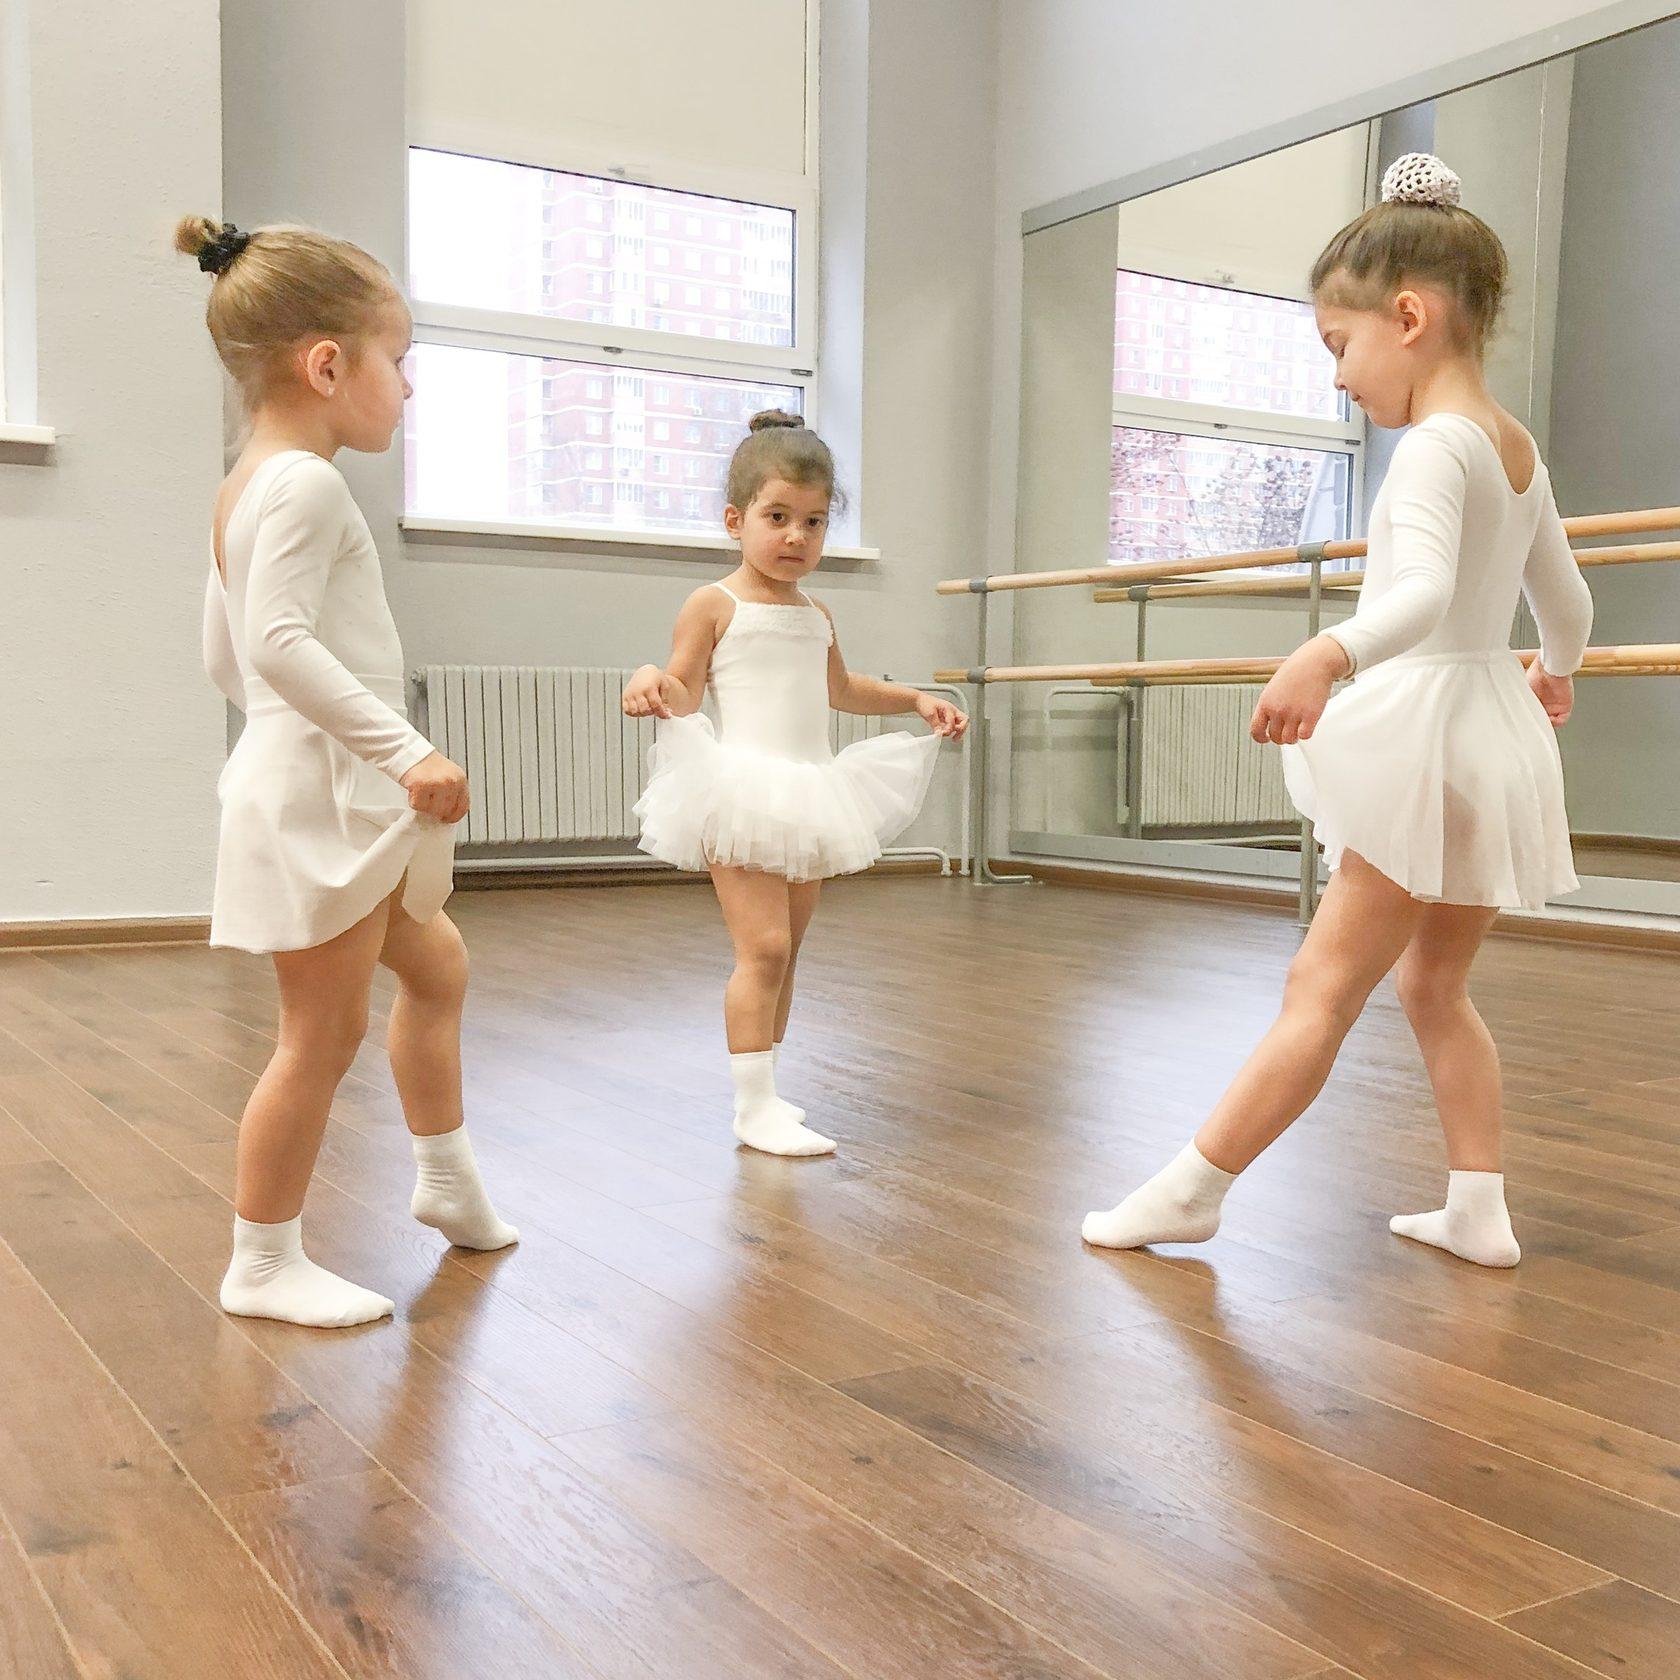 Картинка хореографии для детей